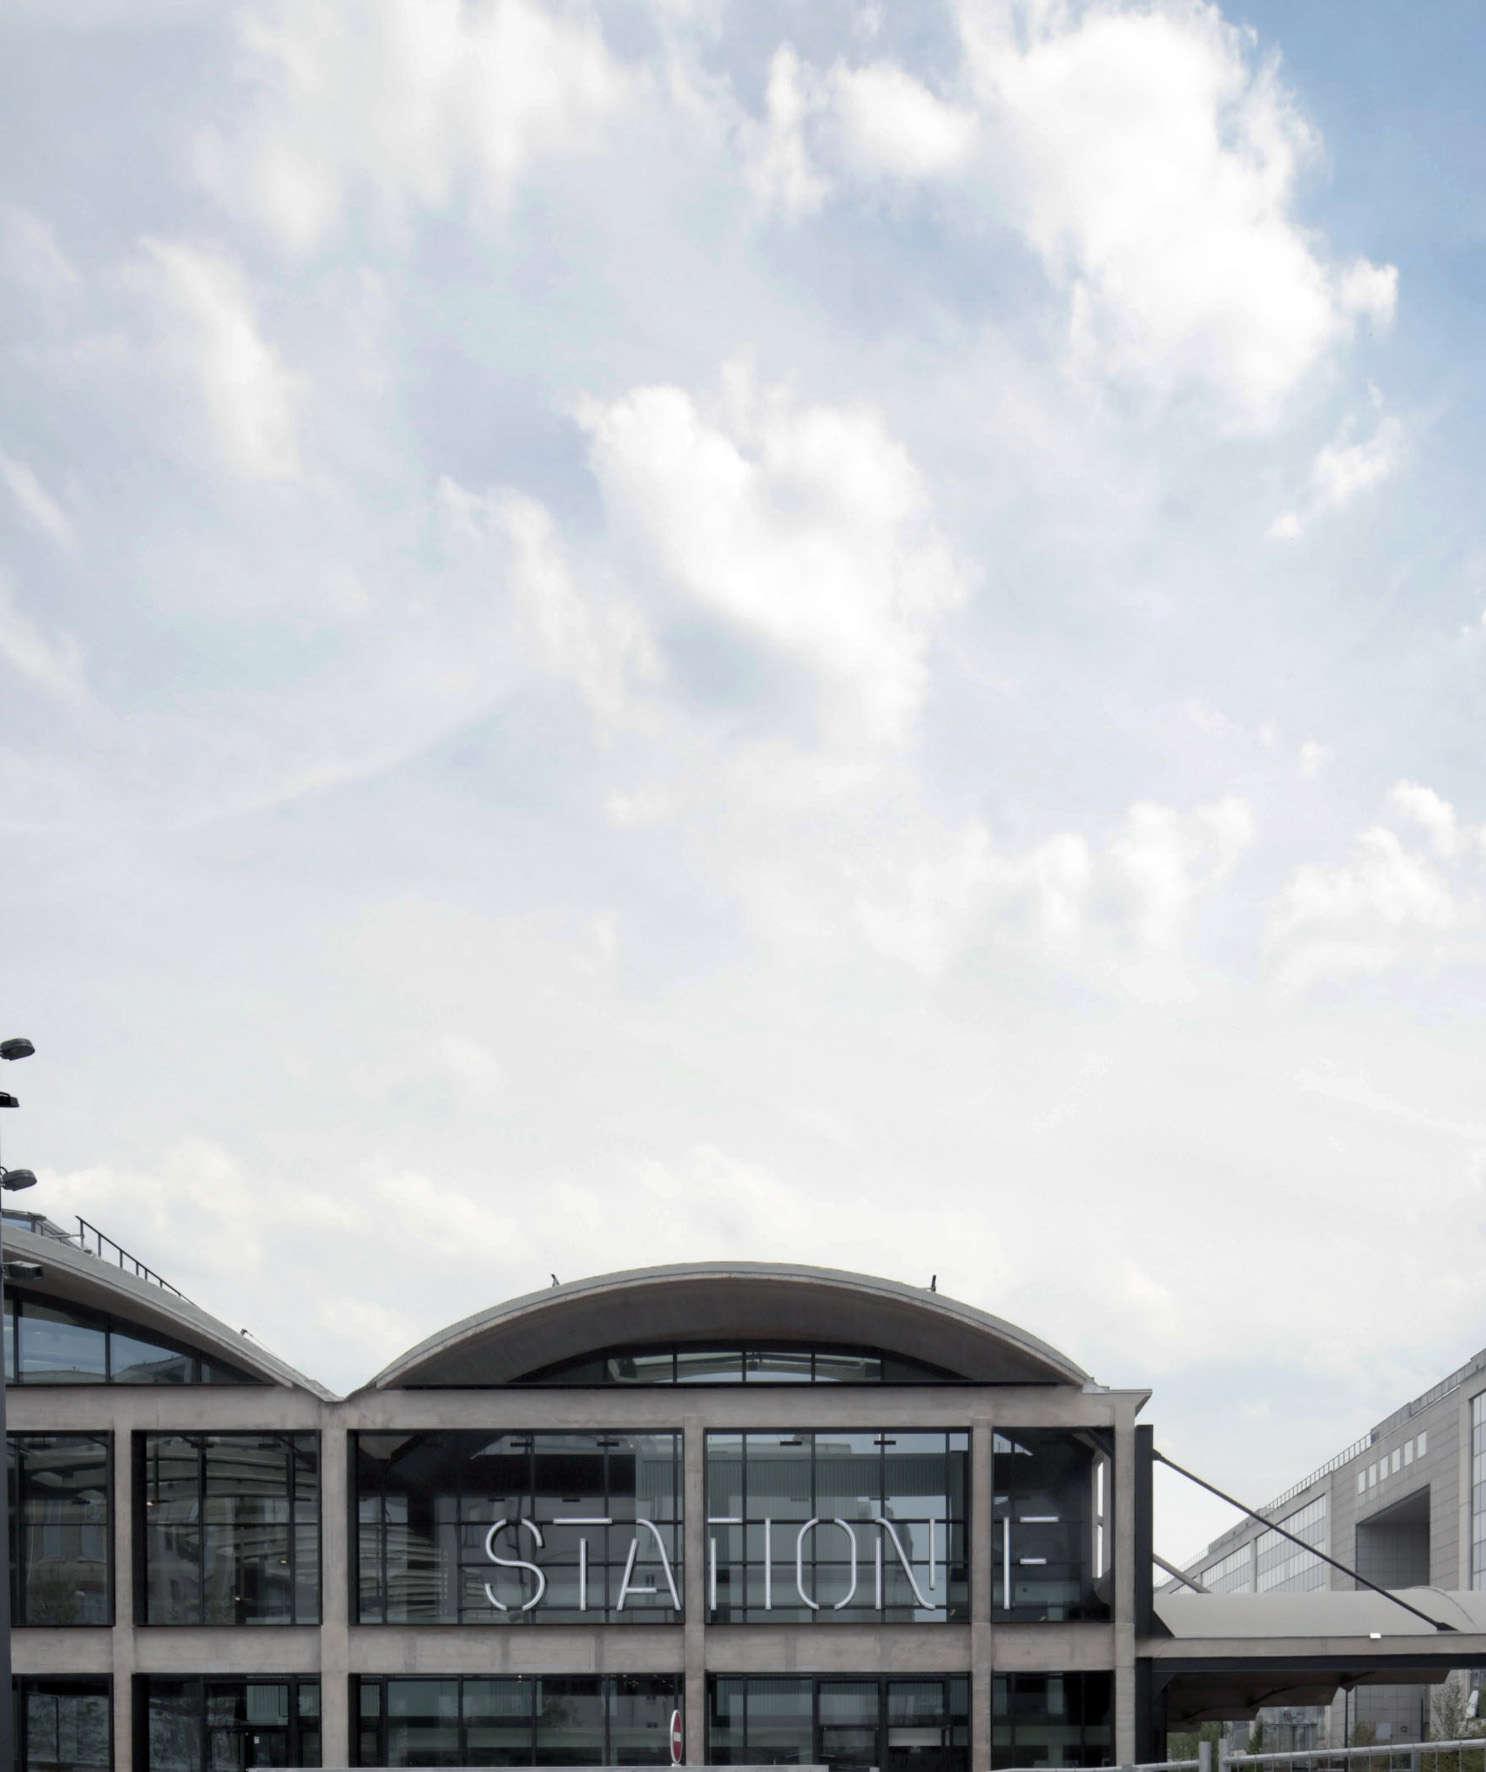 Vue extérieure de la Station F, installée dans la Halle Freyssiney, à Paris, le 20 juin. Cet immense bâtiment ferroviaire a été construit dans les années 1920,le long des voies de la gare d'Austerlitz.